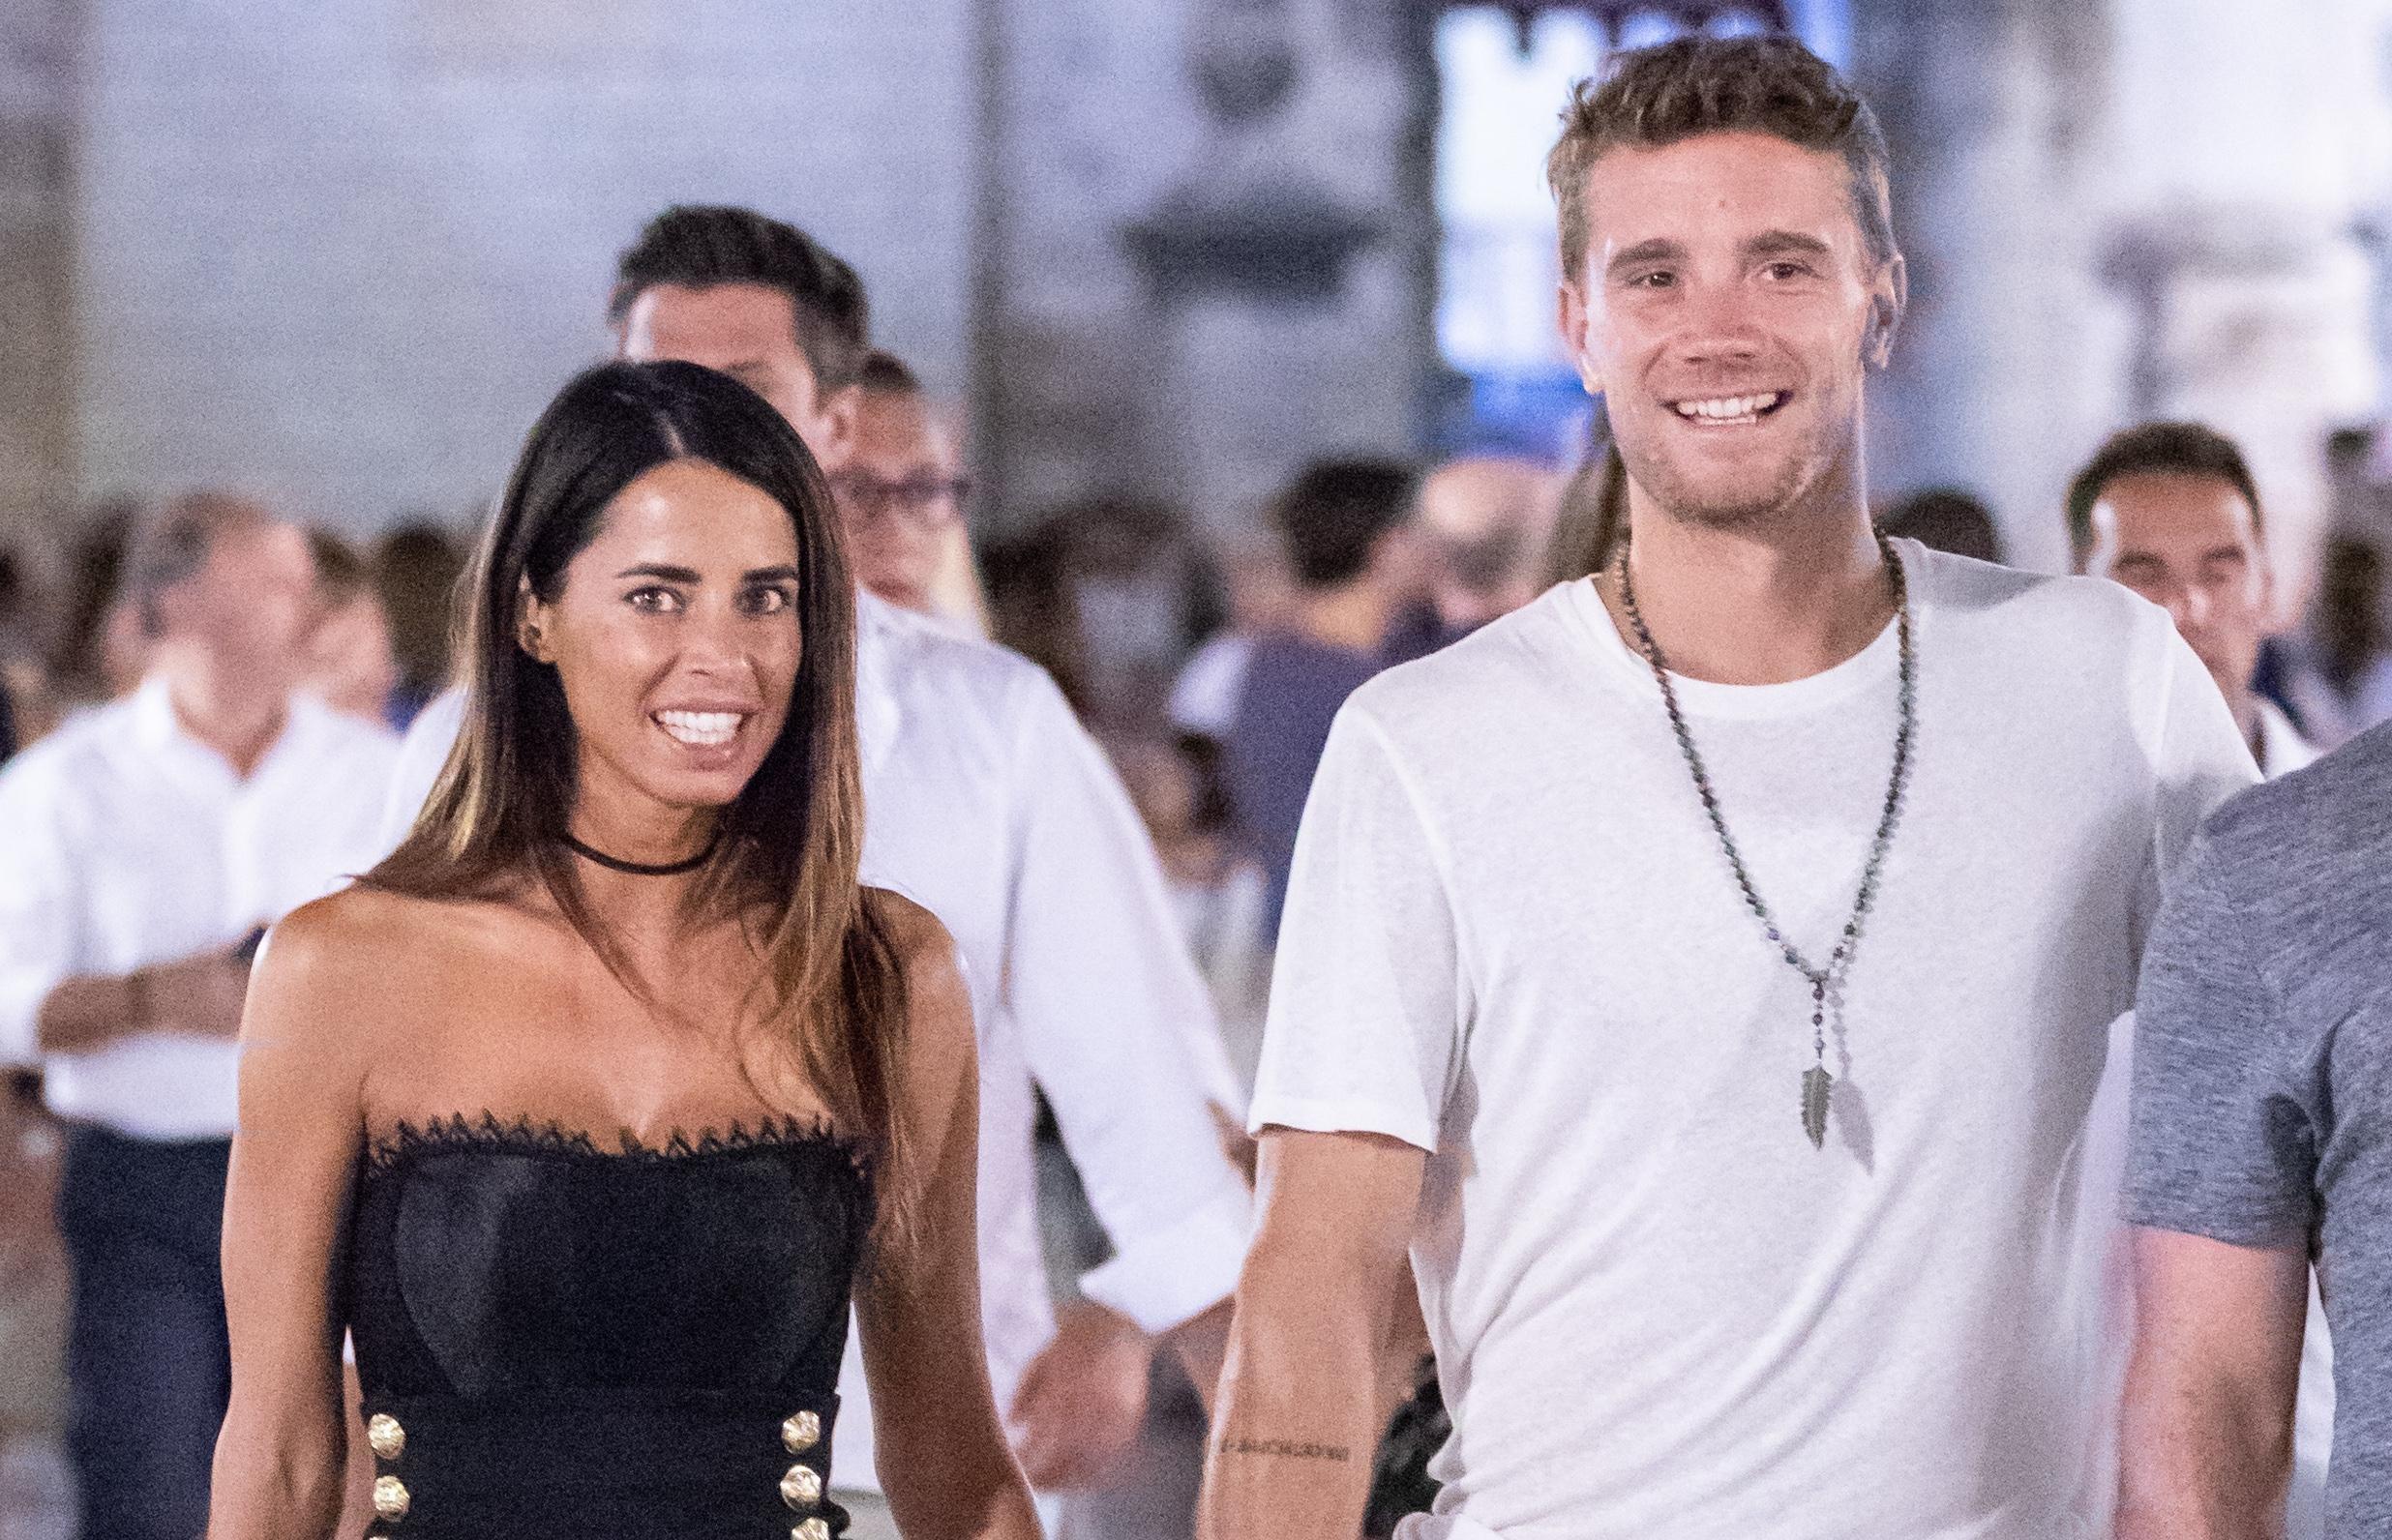 Jako dugo nismo vidjeli OVAKO zgodan par: Njih dvoje izgledaju kao modeli koji su sišli s modne piste